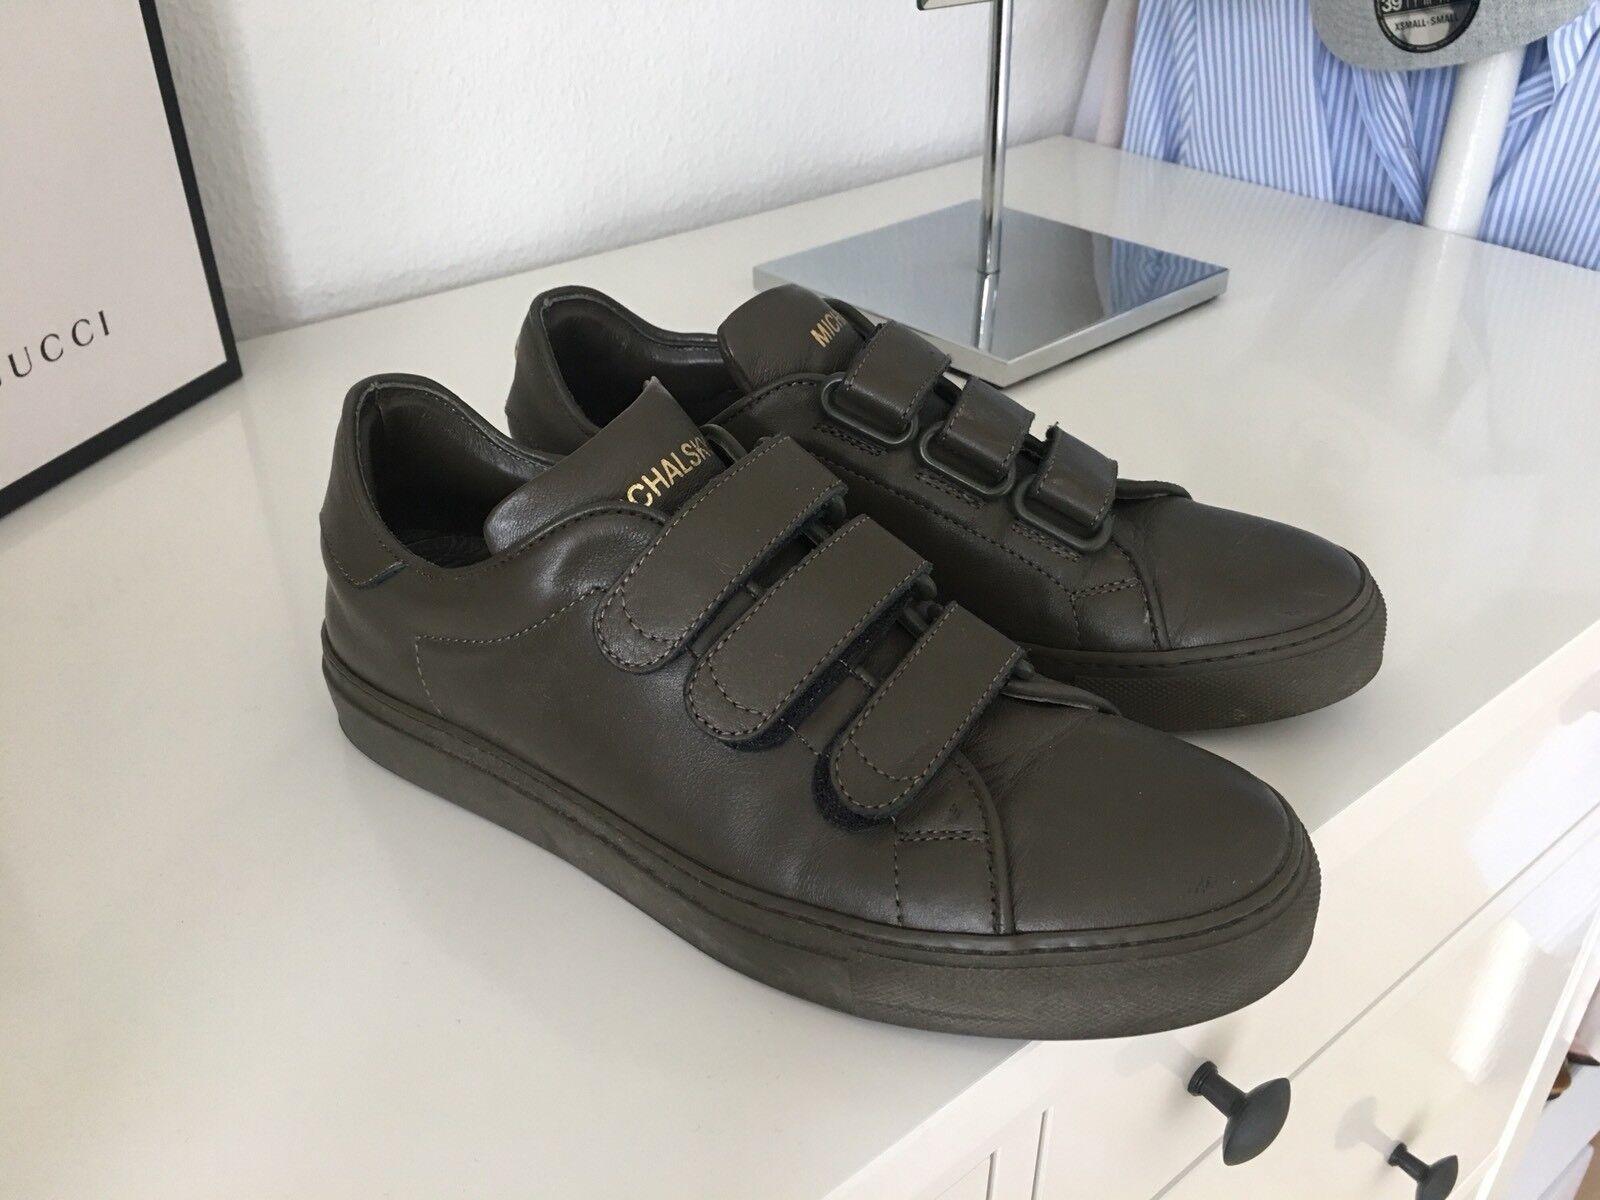 Michalsky Wie Sneaker Schuhe Leder Glattleder 38 Dunkelgrün Grün Wie Michalsky neu Schnalle a464fe